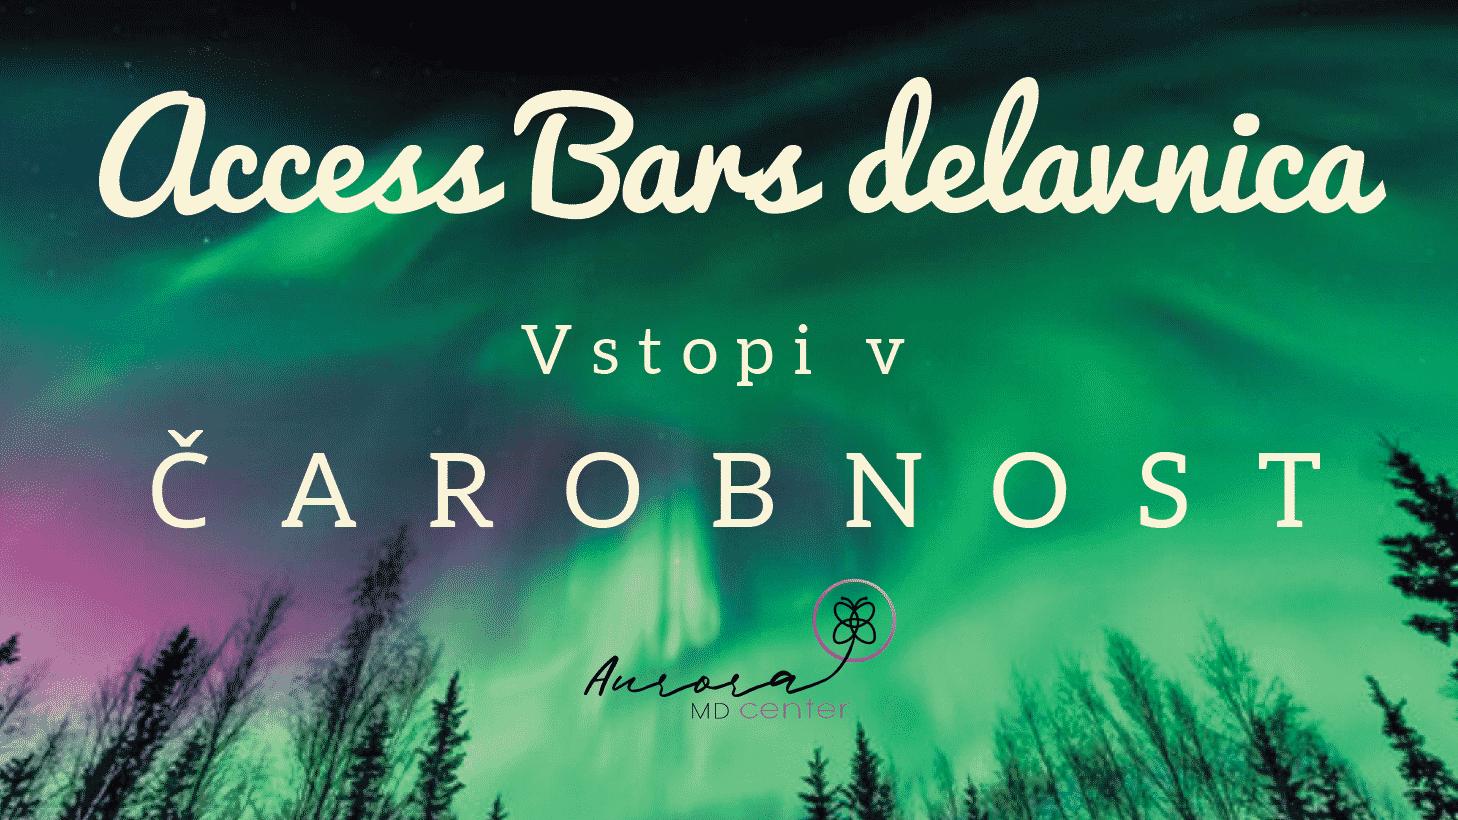 Access Bars® delavnica z dr. Snežo Ulčar, Kranj, sobota, 29.2.2020, 10:00-18:00